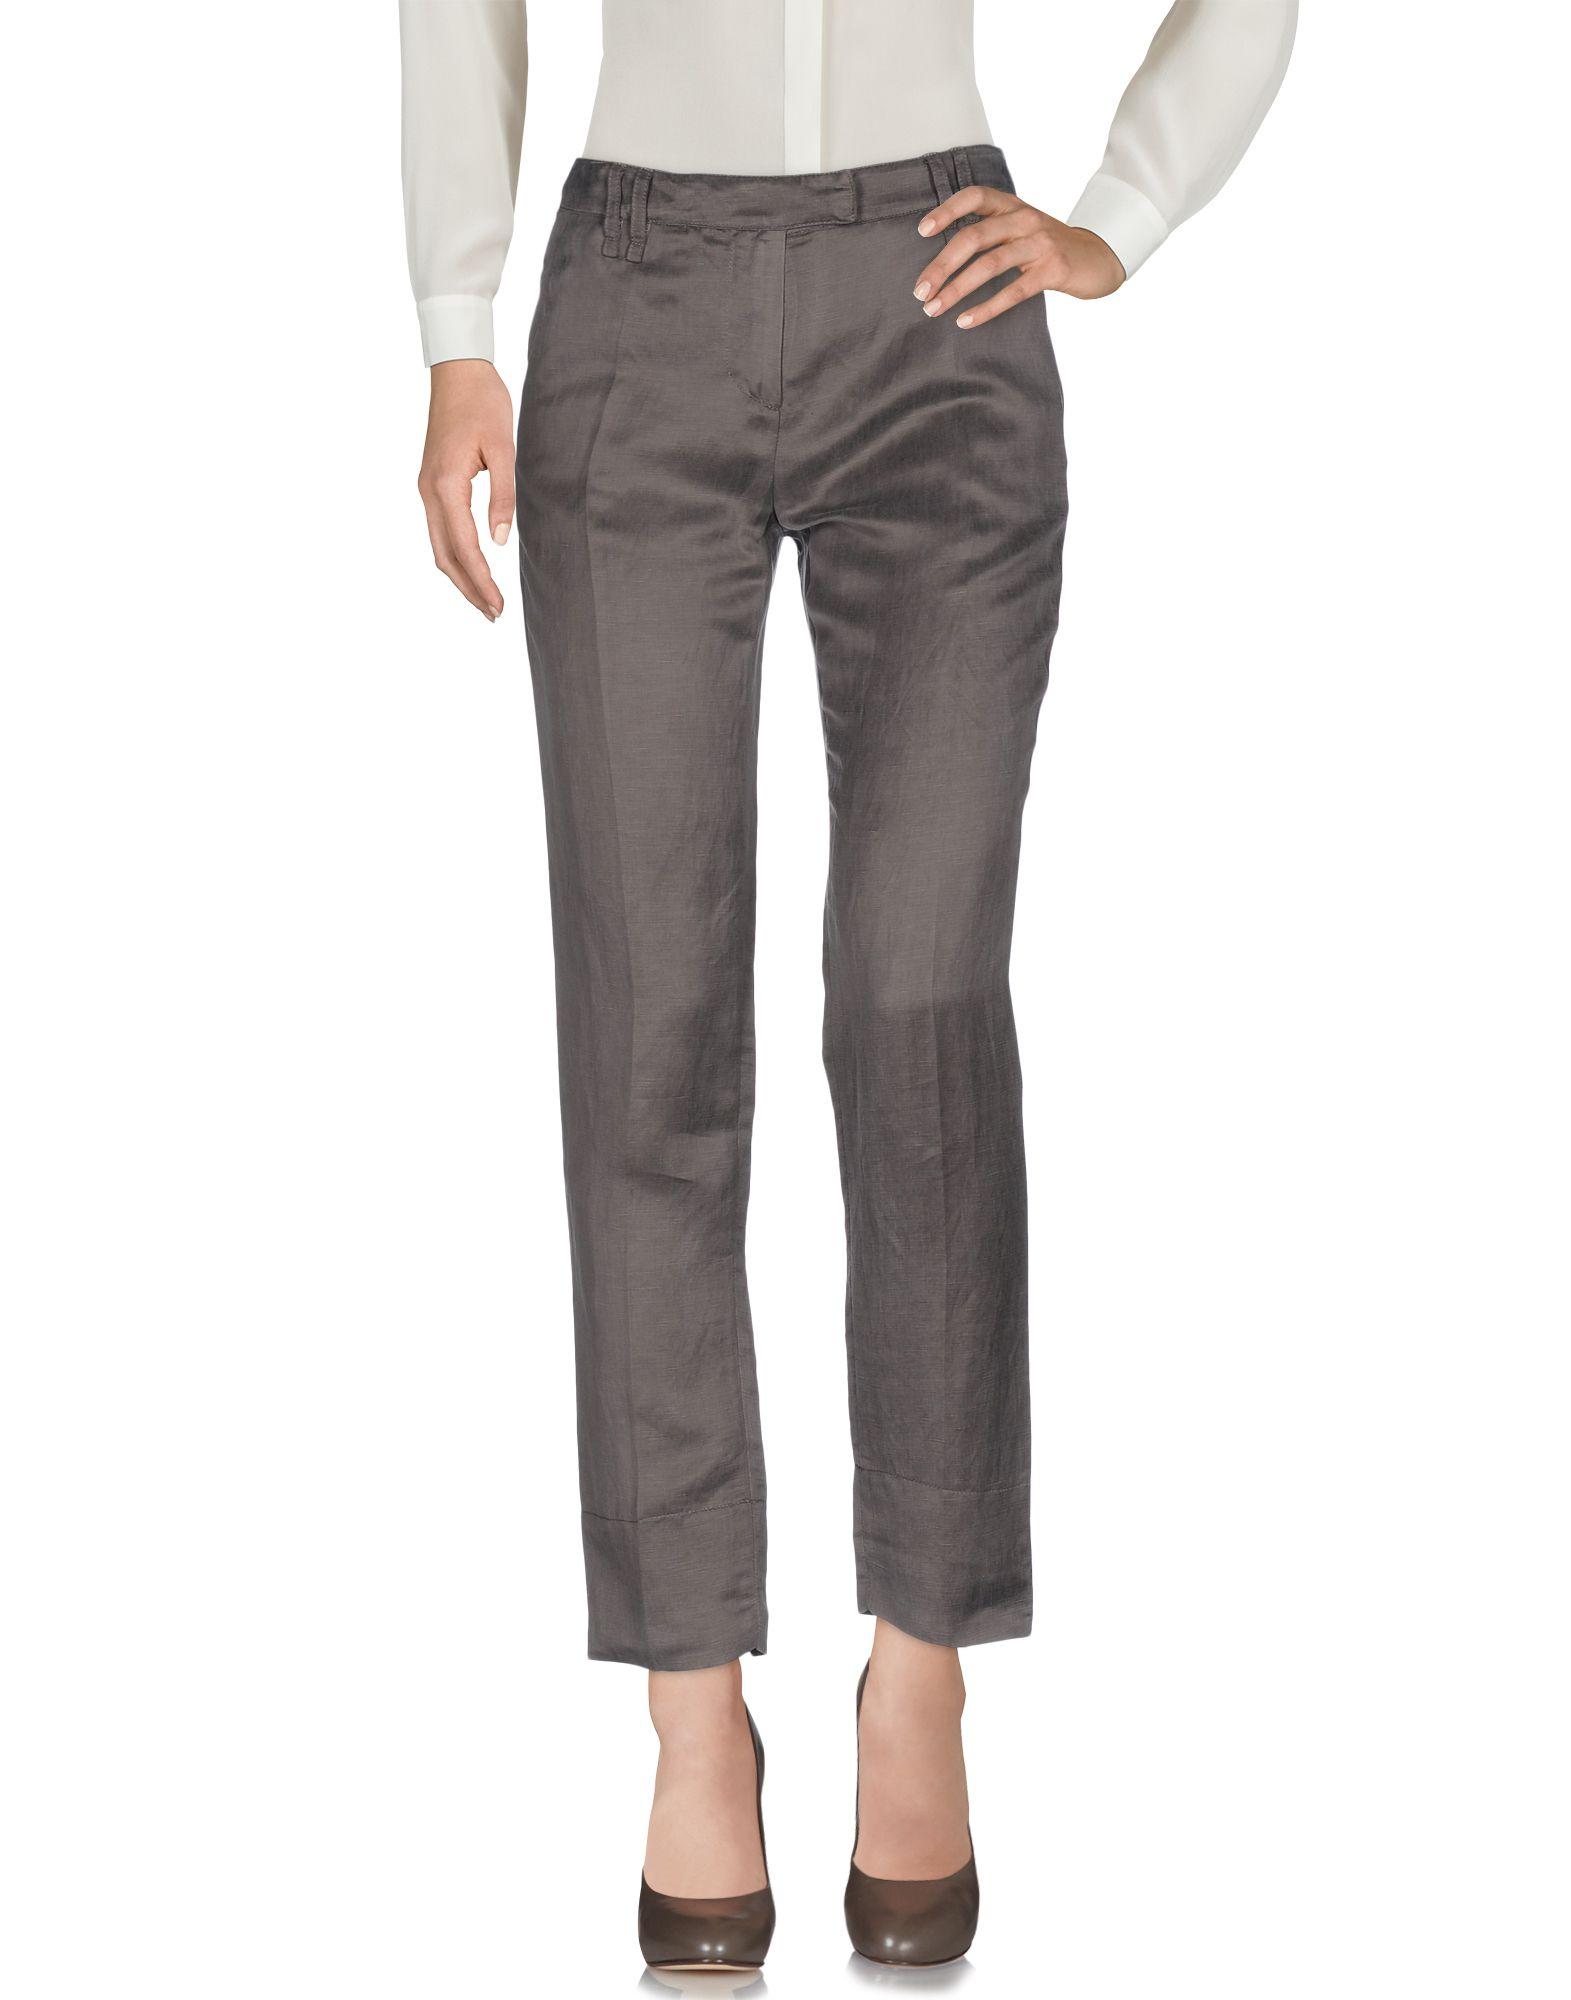 Pantalone Plein Sud donna - - 13019797TP  ohne zu zögern! jetzt kaufen!